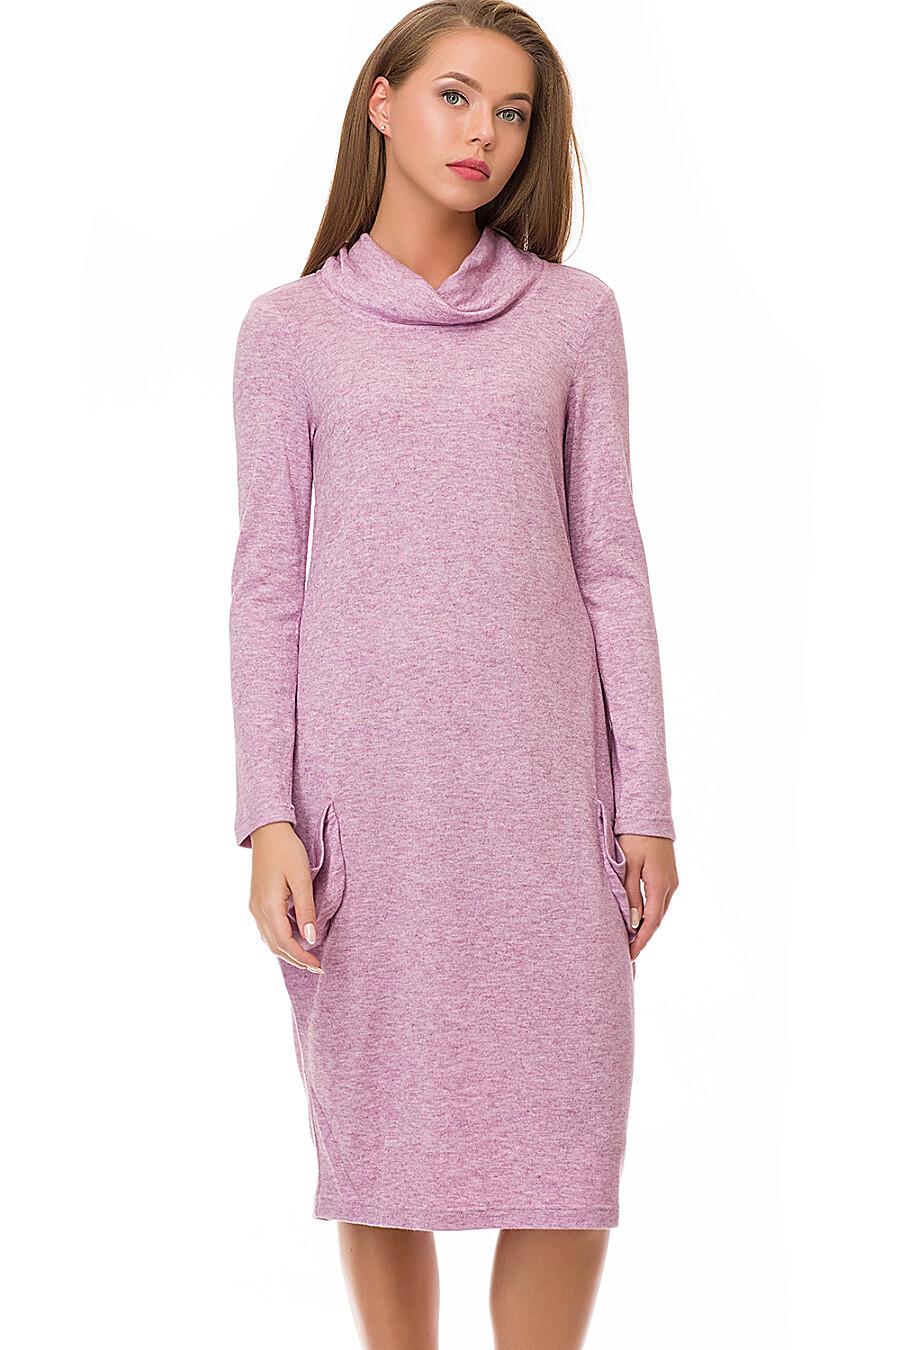 Платье #72348